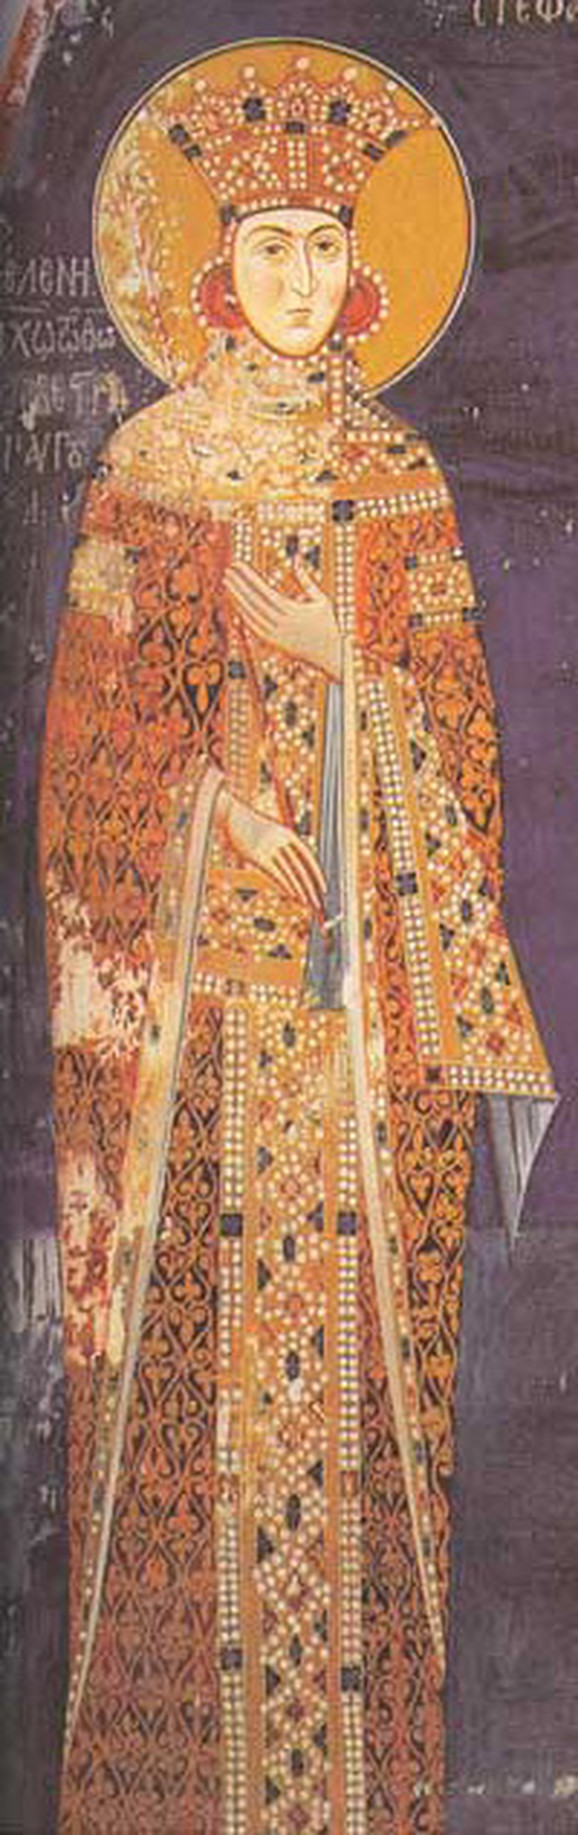 Jelena Stracimirović-Nemanjić, supruga cara Dušana, freska iz manastira Lesnovo, sredina 14. veka